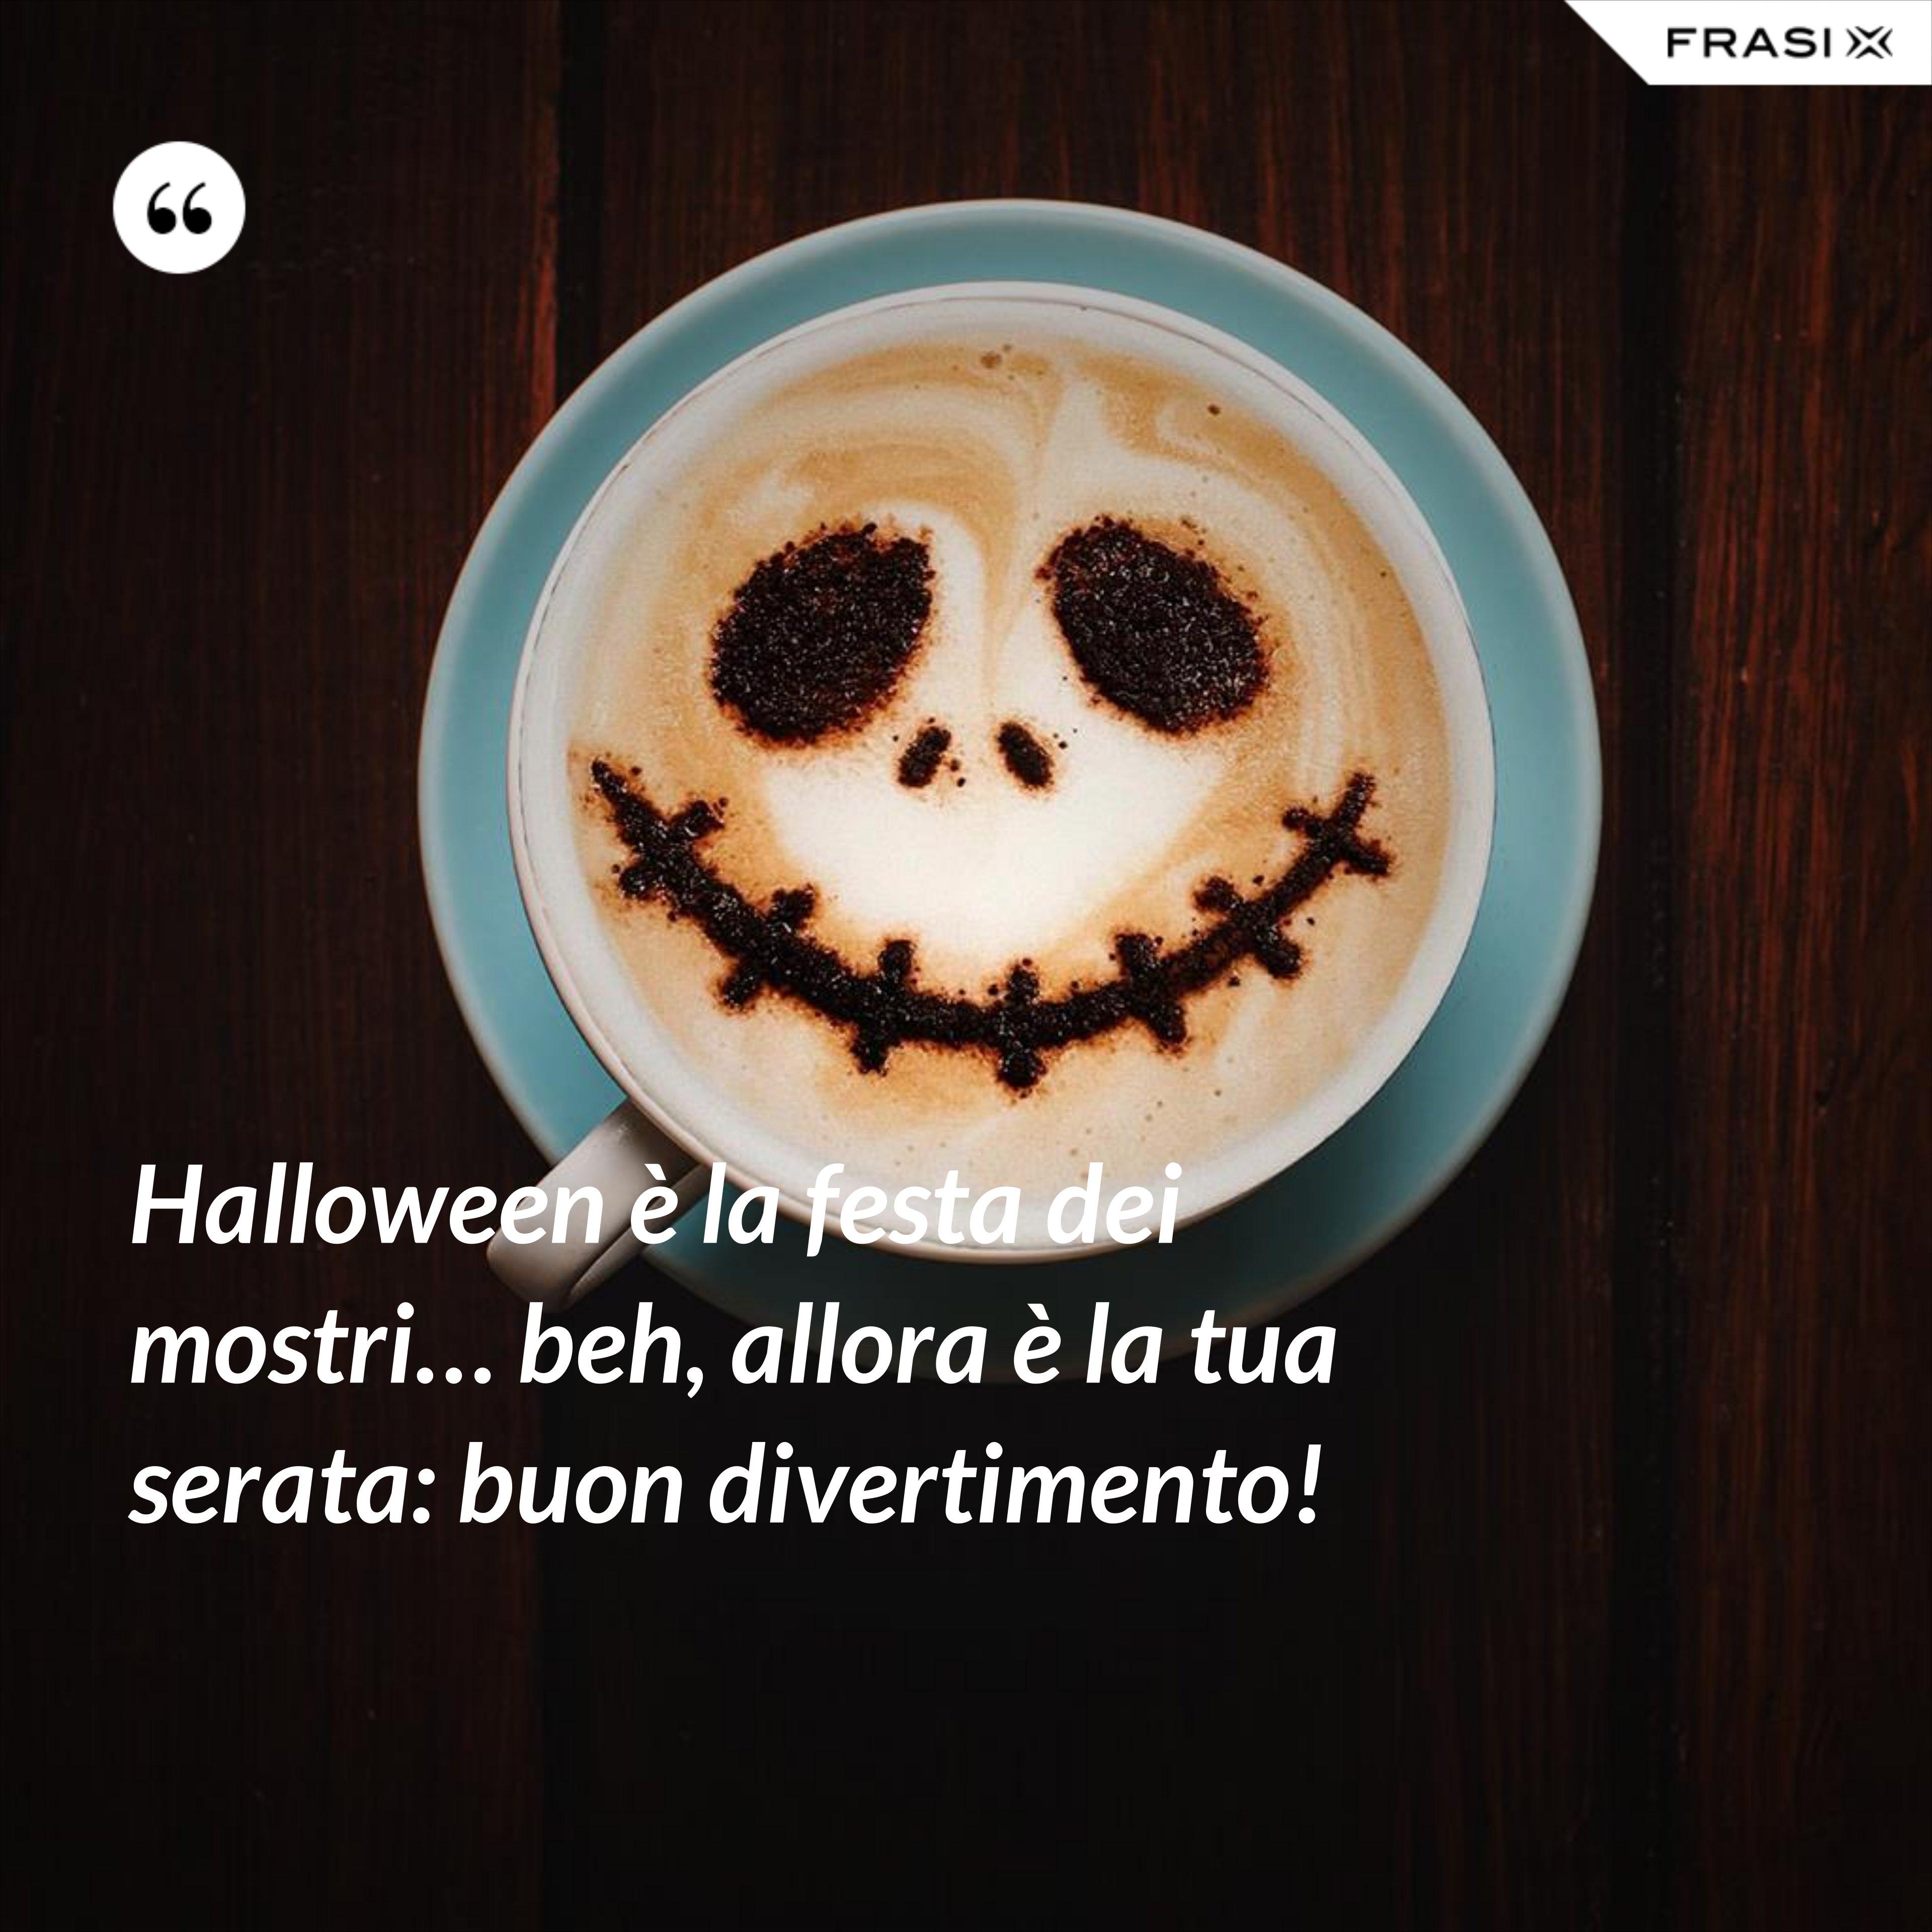 Halloween è la festa dei mostri… beh, allora è la tua serata: buon divertimento! - Anonimo